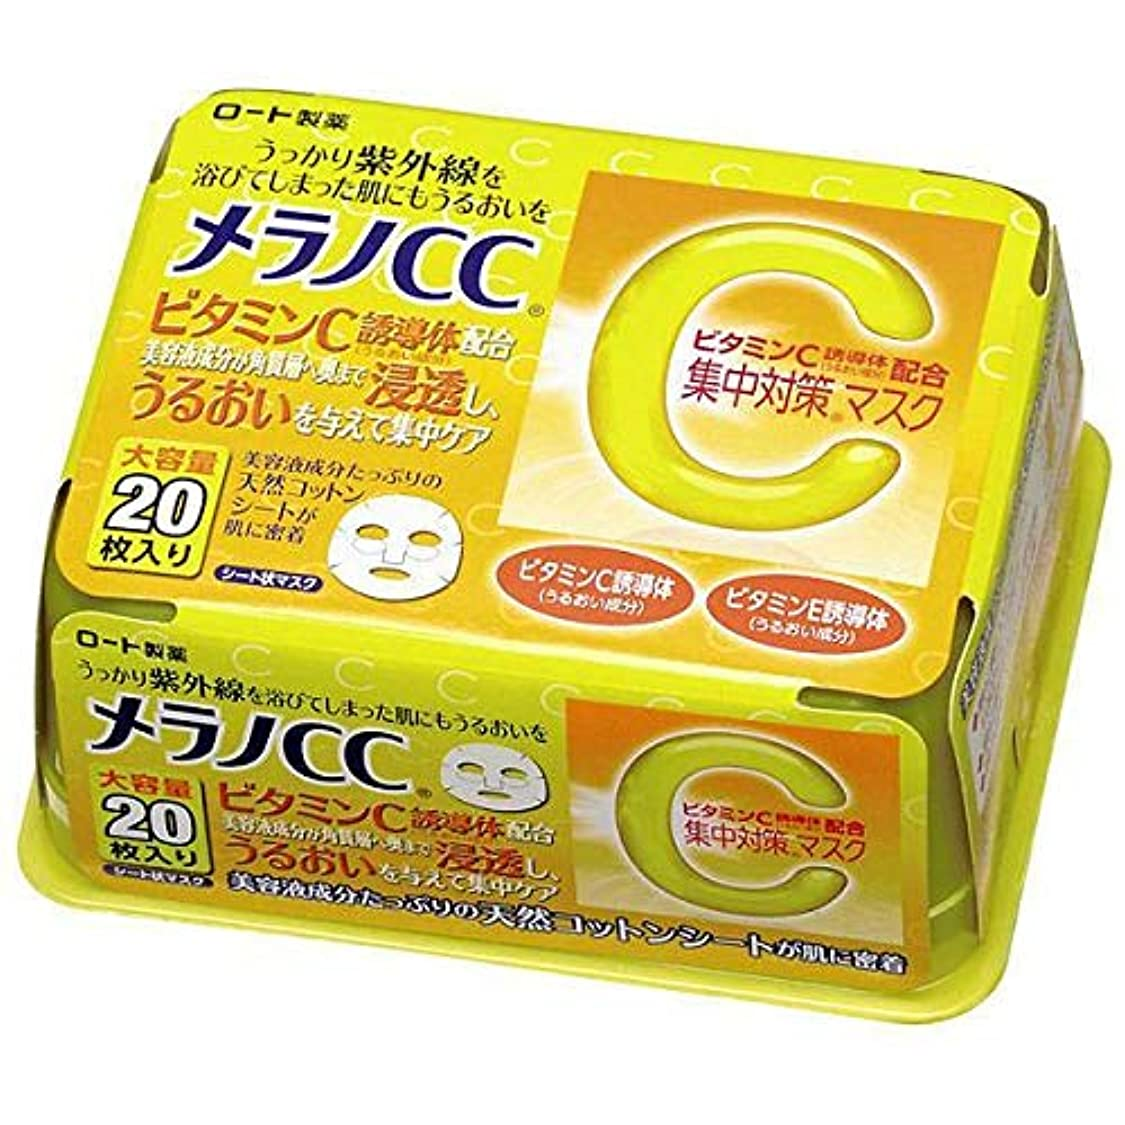 詩有効化唯一【お徳用】ロート製薬 メラノCC 集中対策マスク 20枚入 パック シートタイプ 大容量タイプ×24点セット (4987241135028)